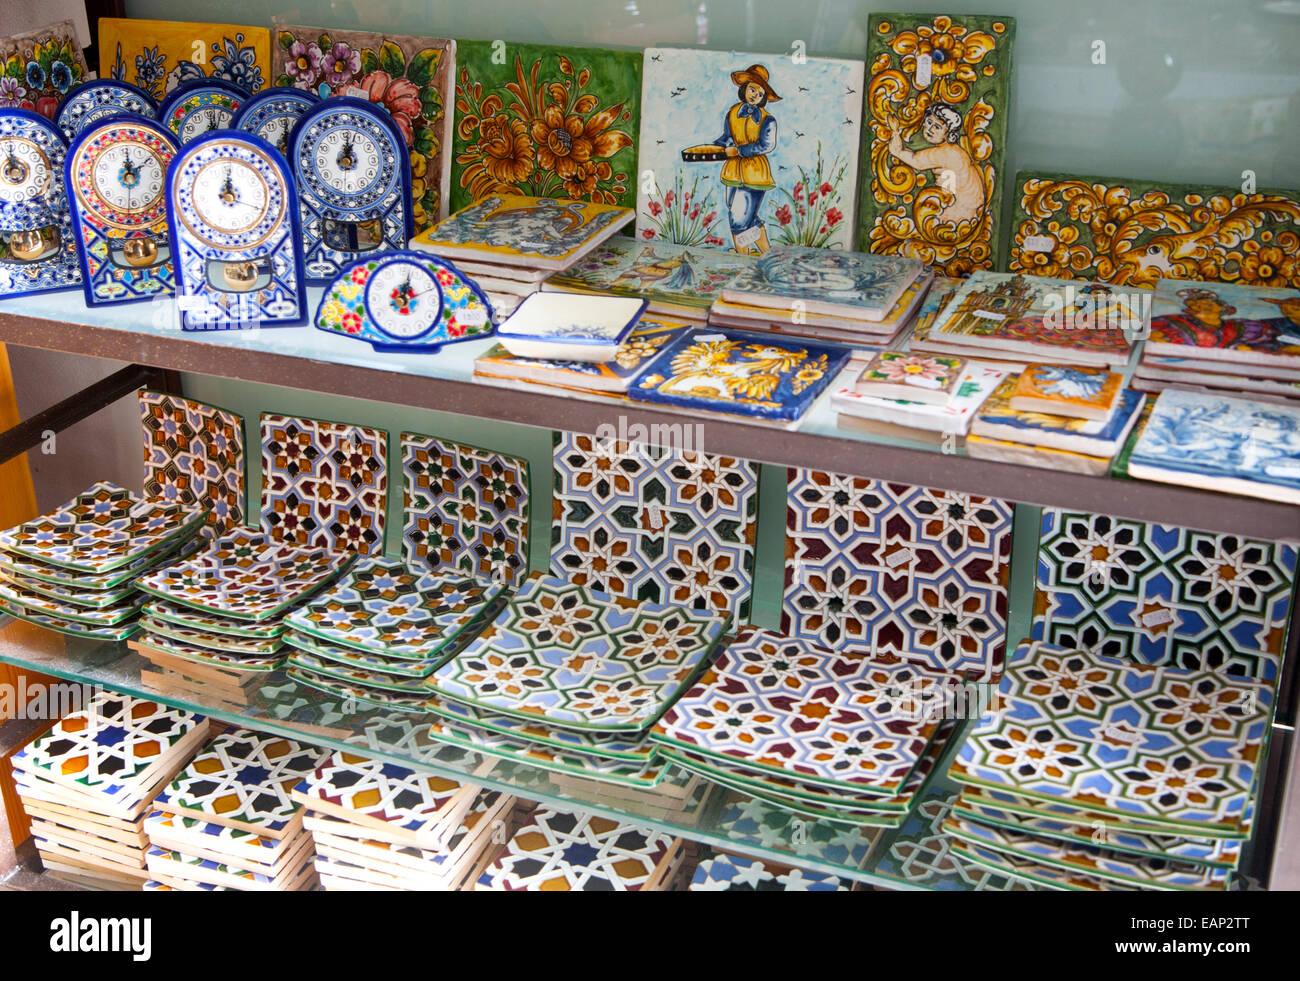 Ceramic tile shops in Triana, Seville, Spain Stock Photo, Royalty ...